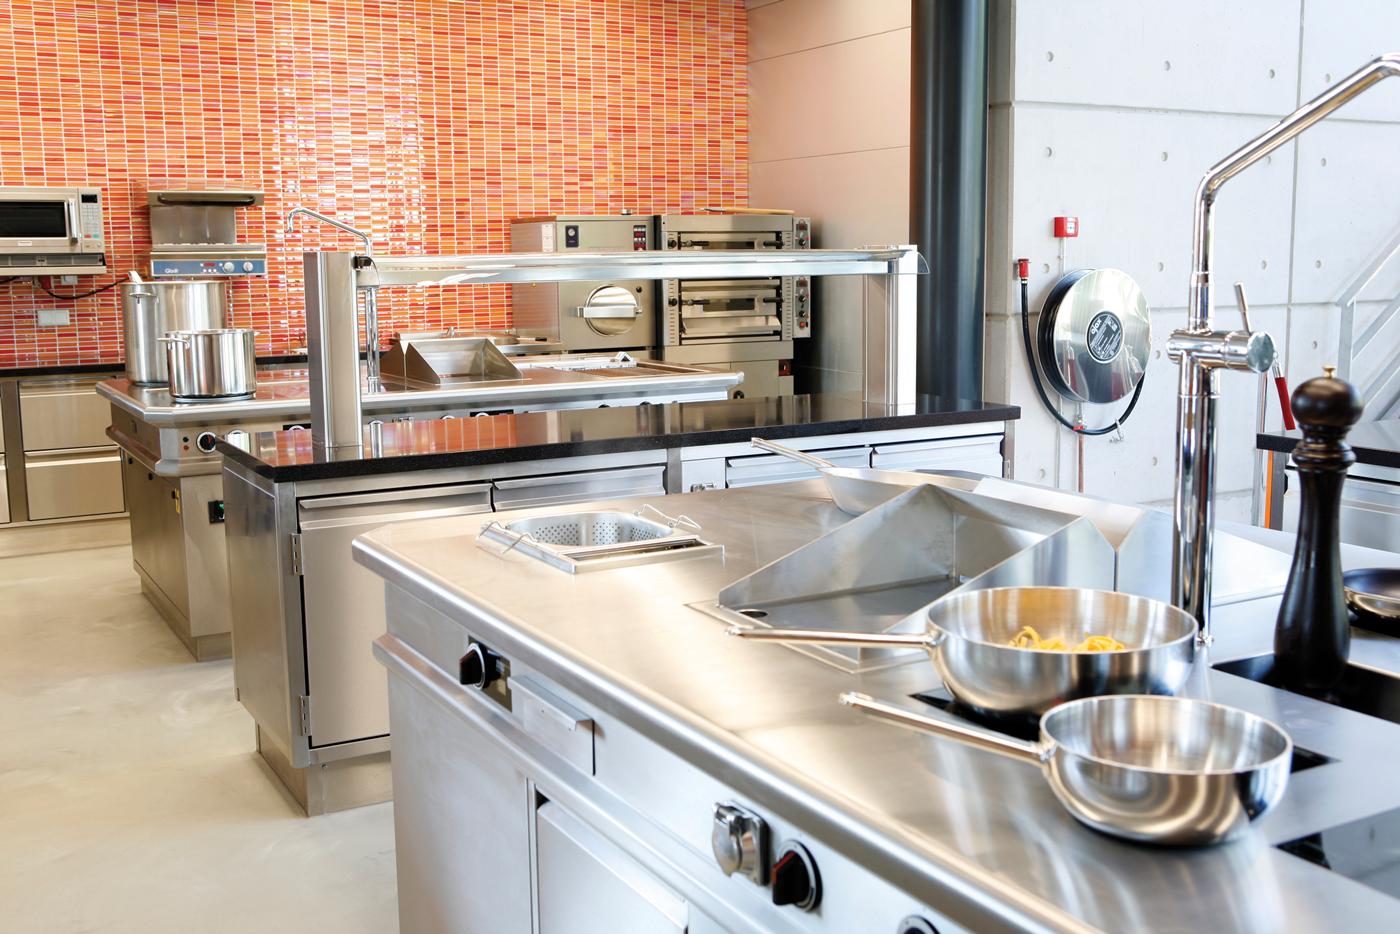 test kitchen in Verlo